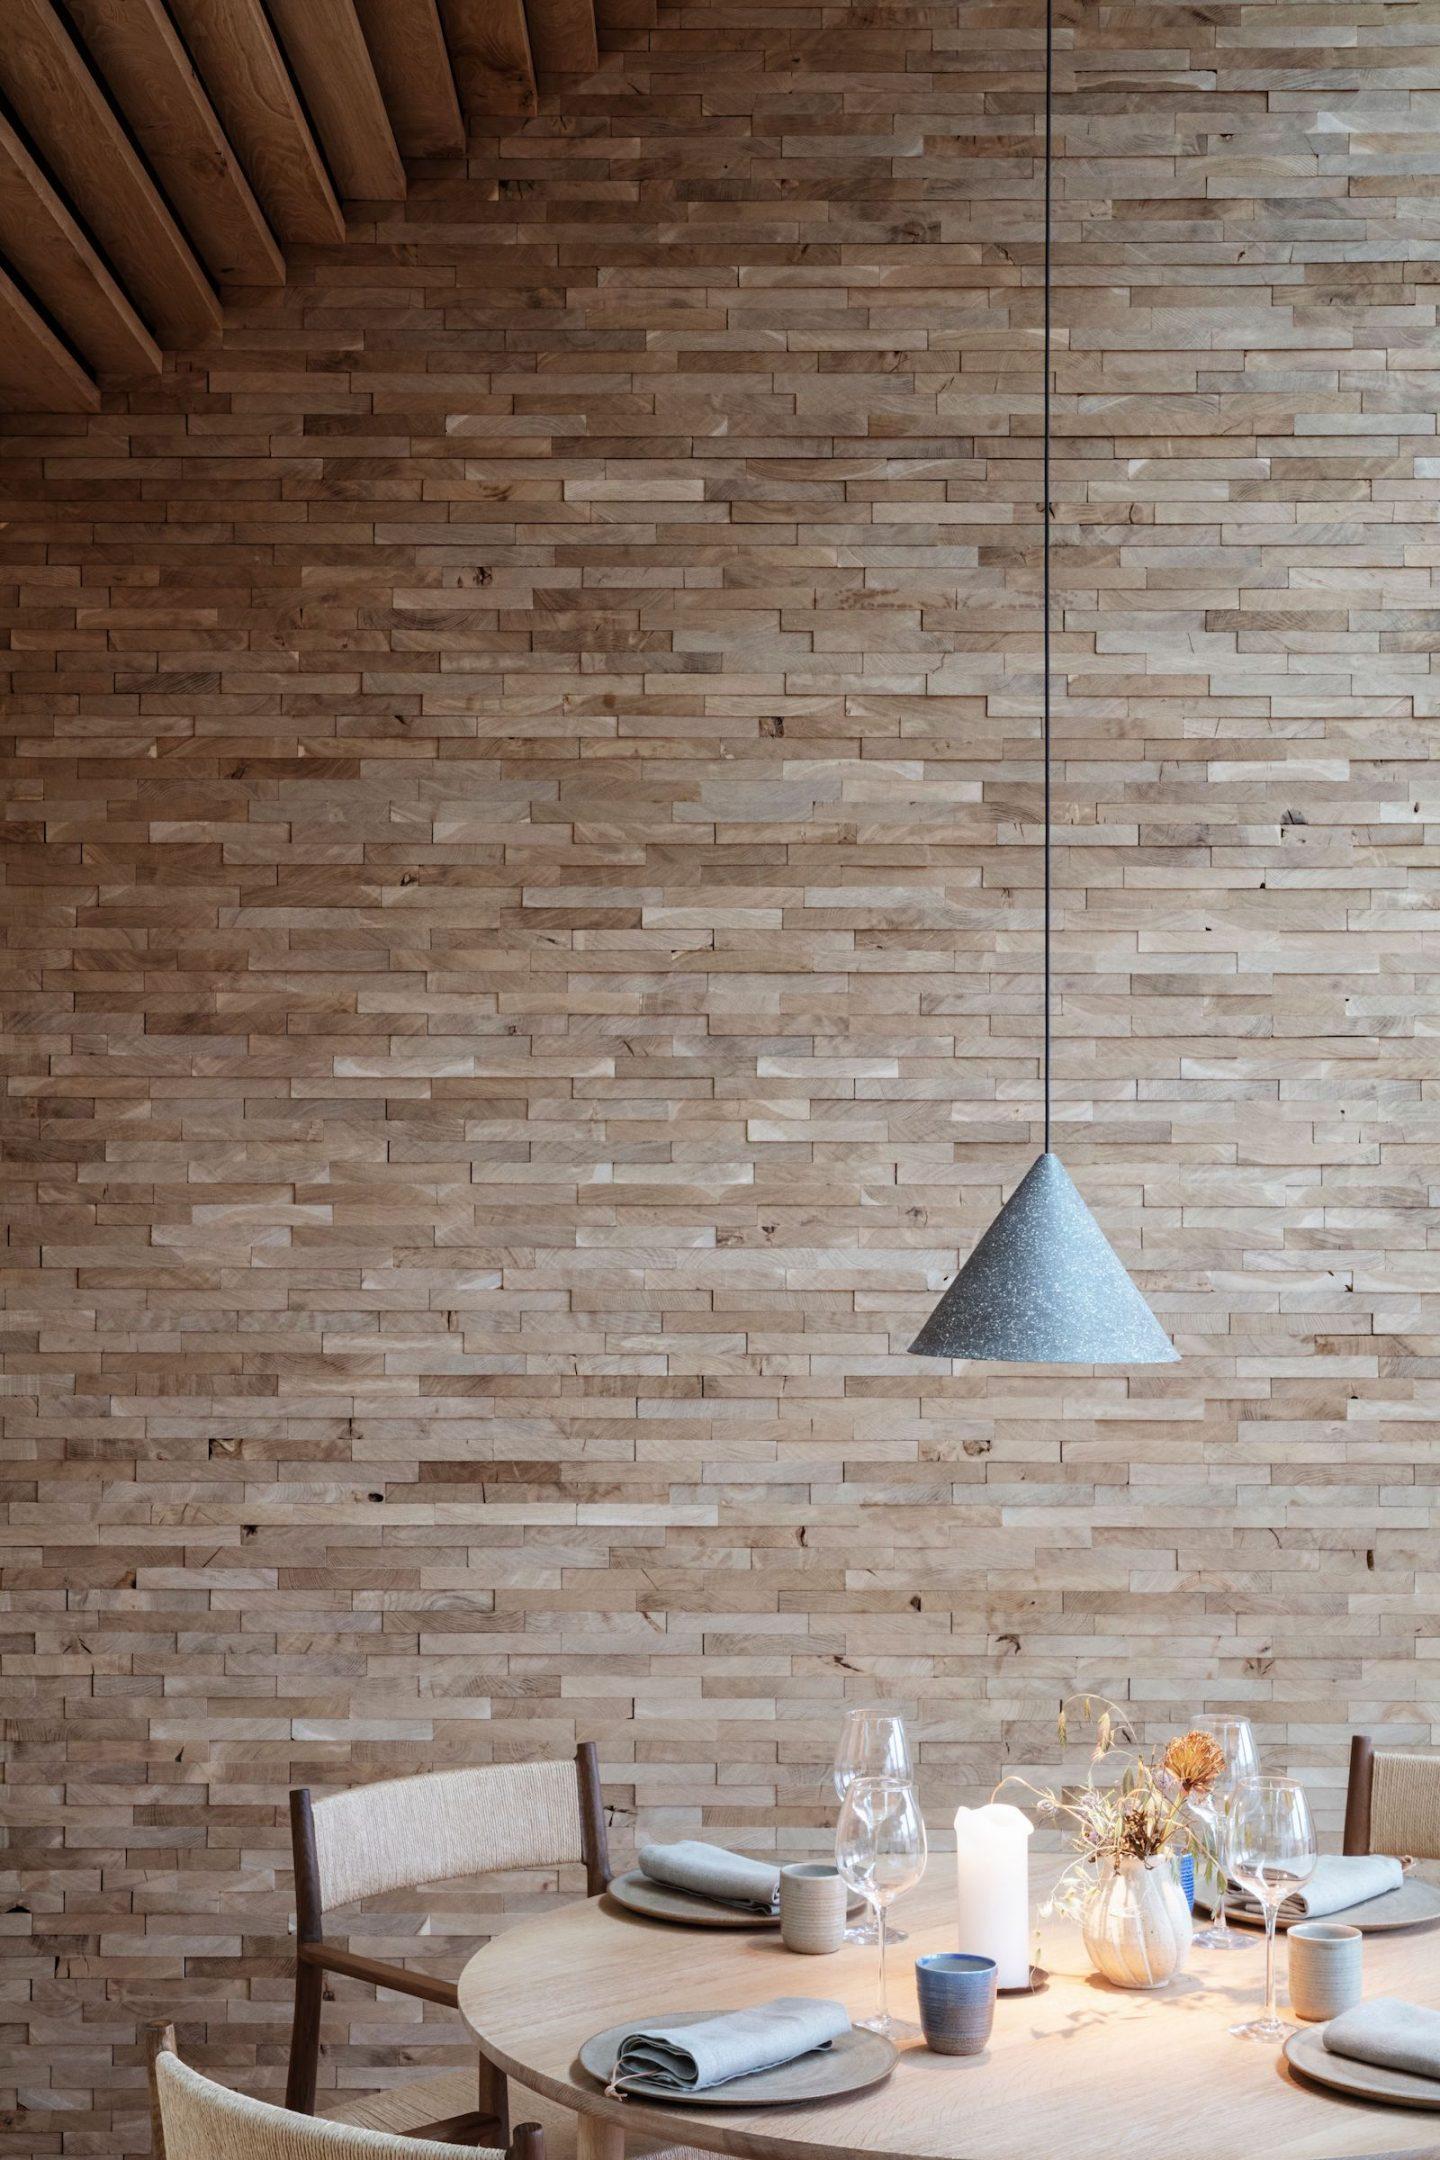 IGNANT-Design-David-Thulstrup-Noma-2